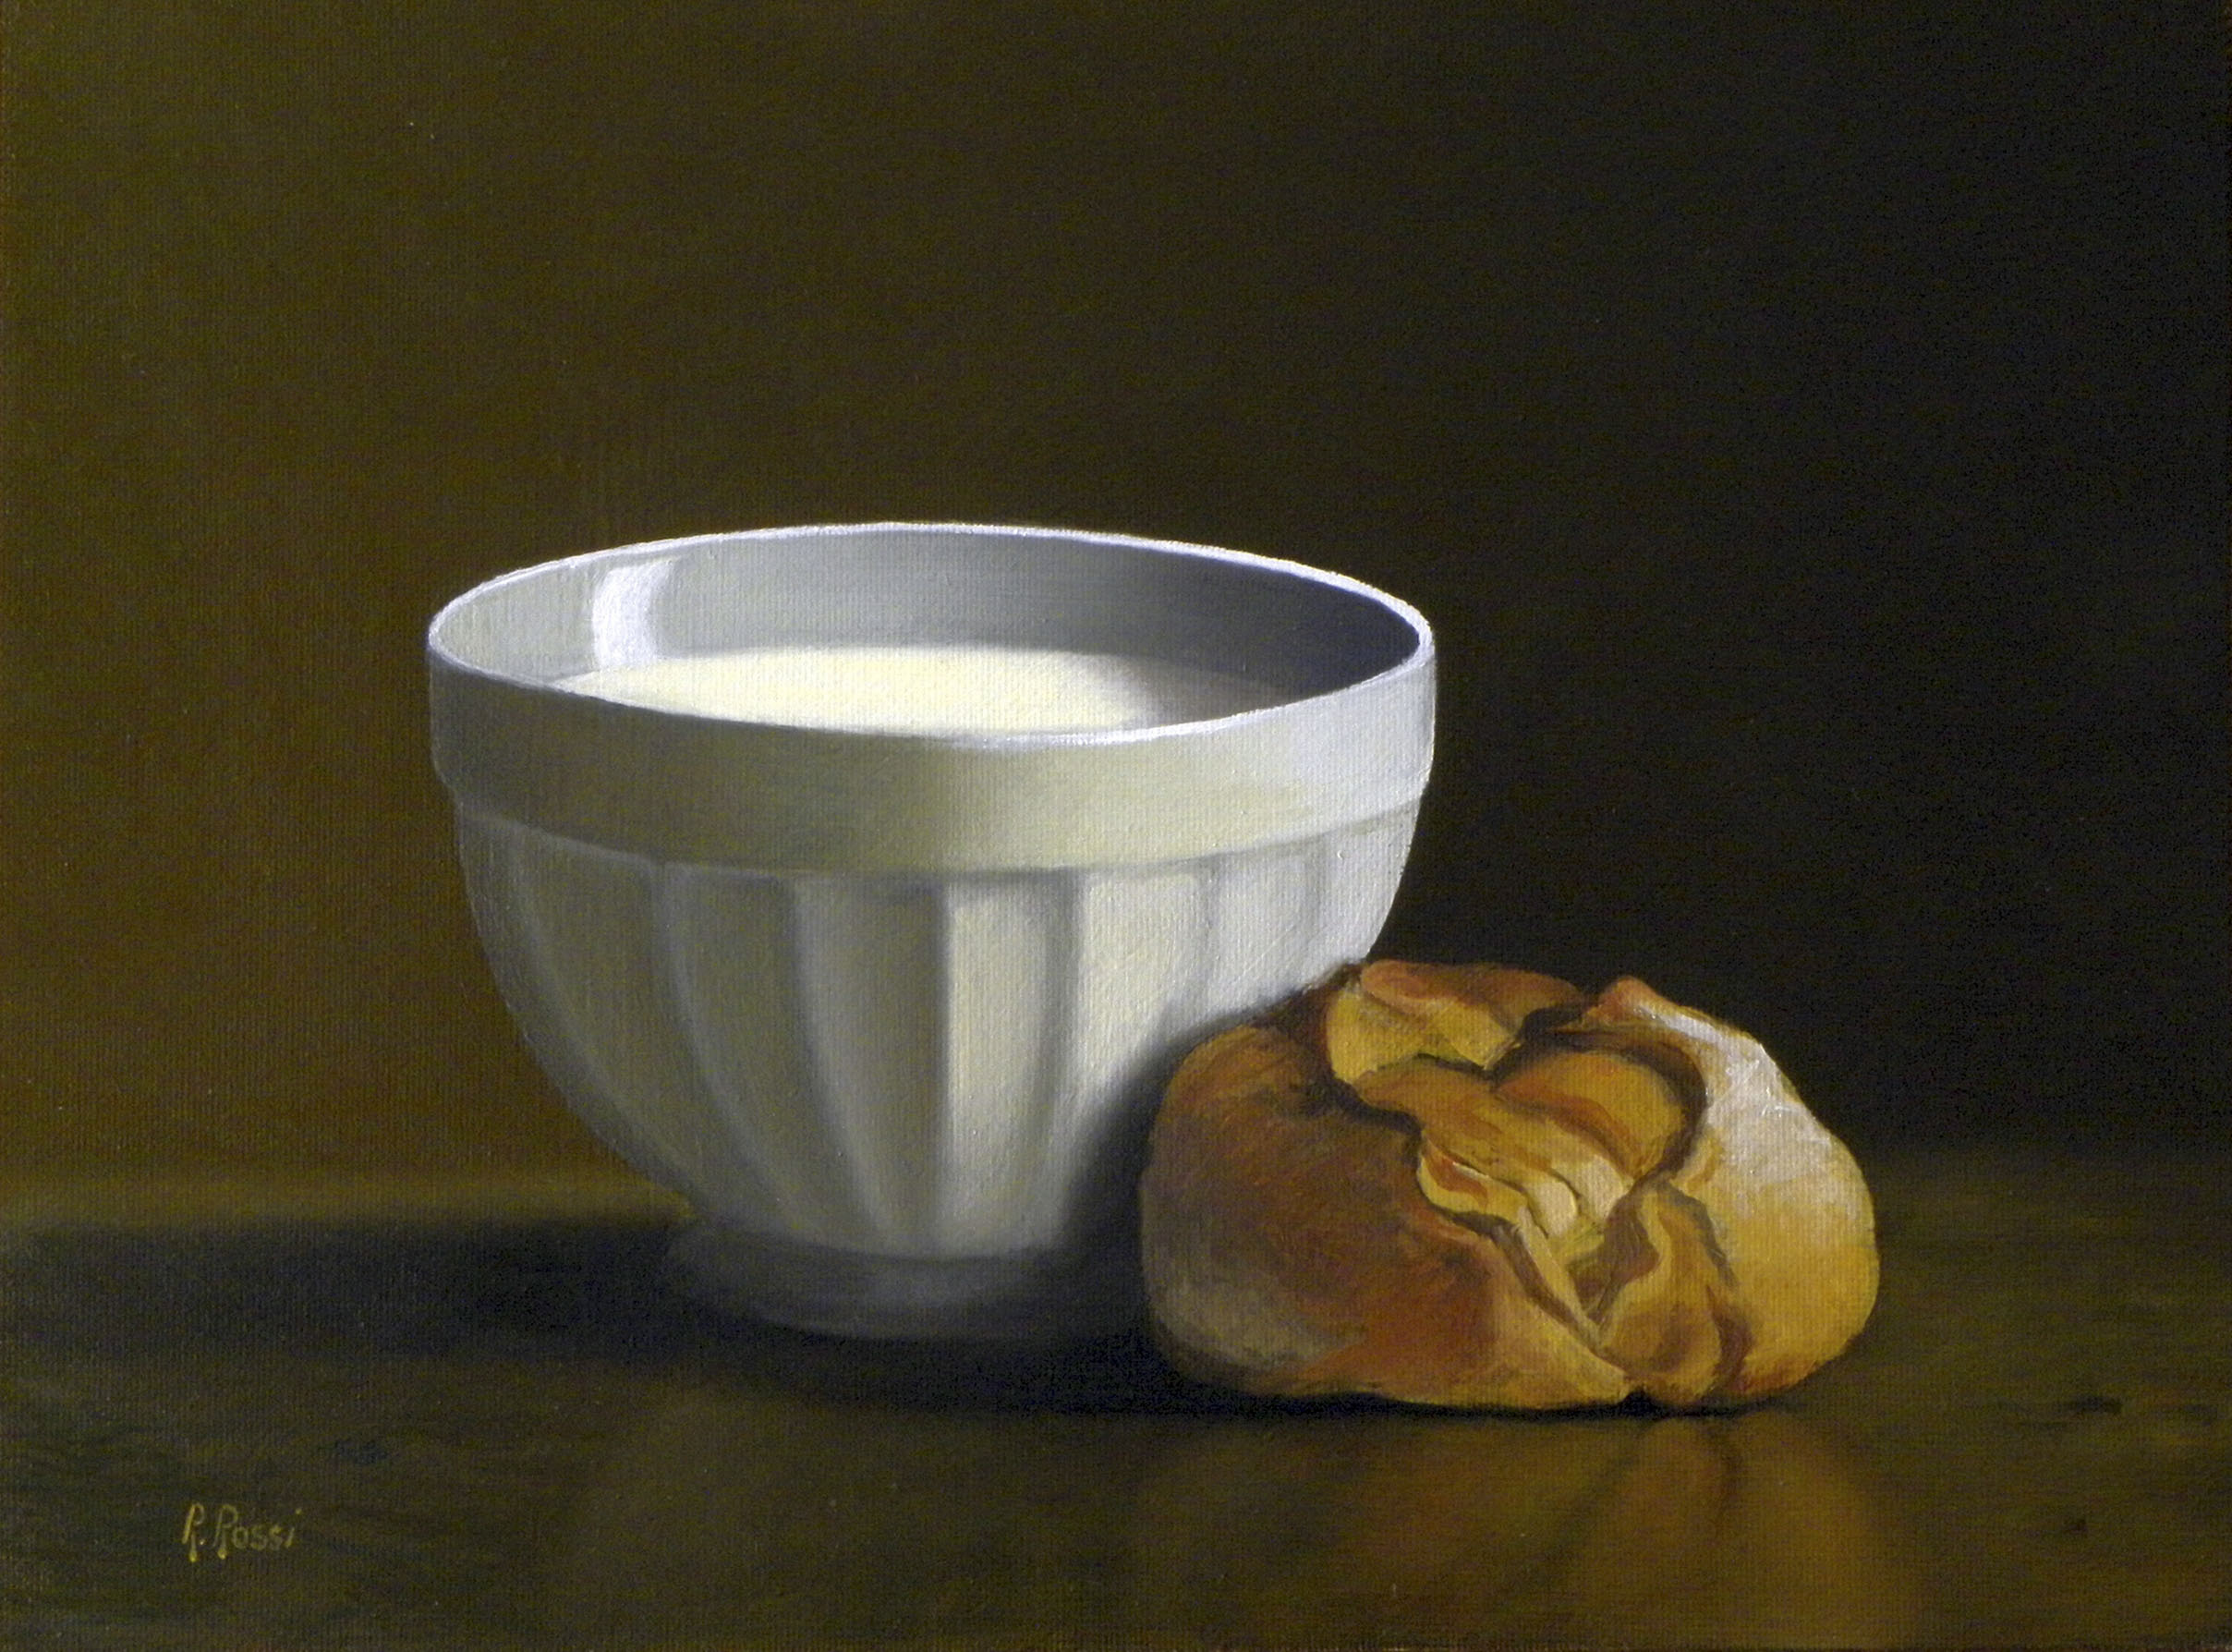 2014 roberta rossi - La buona colazione - olio su tavola - 18 x 24